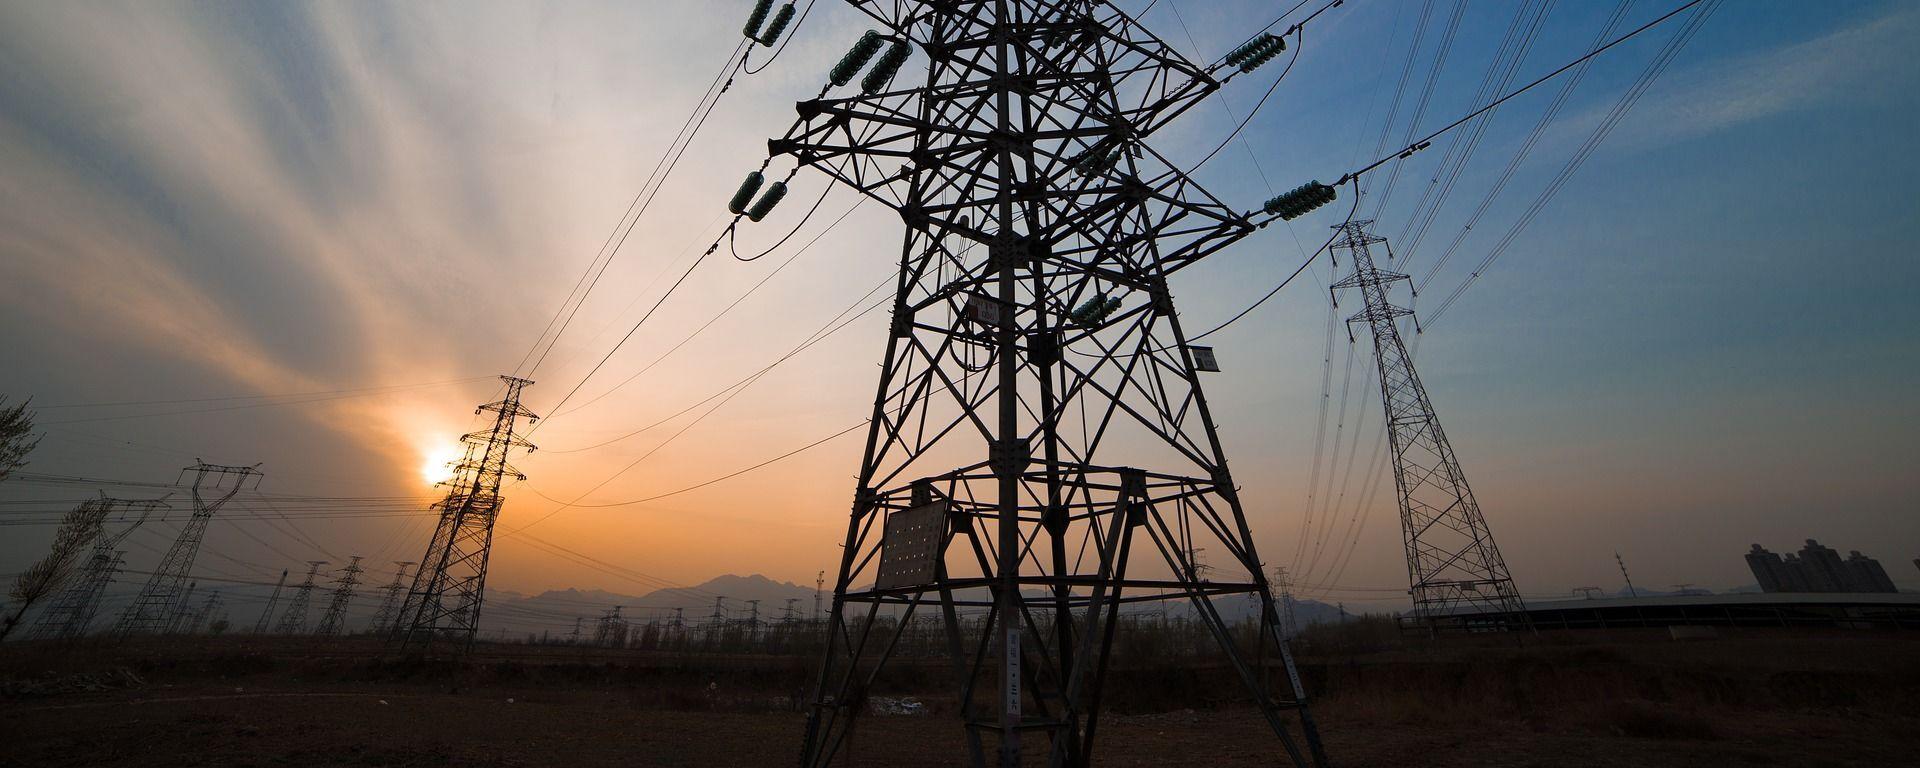 Линия электропередачи - Sputnik Таджикистан, 1920, 12.07.2021